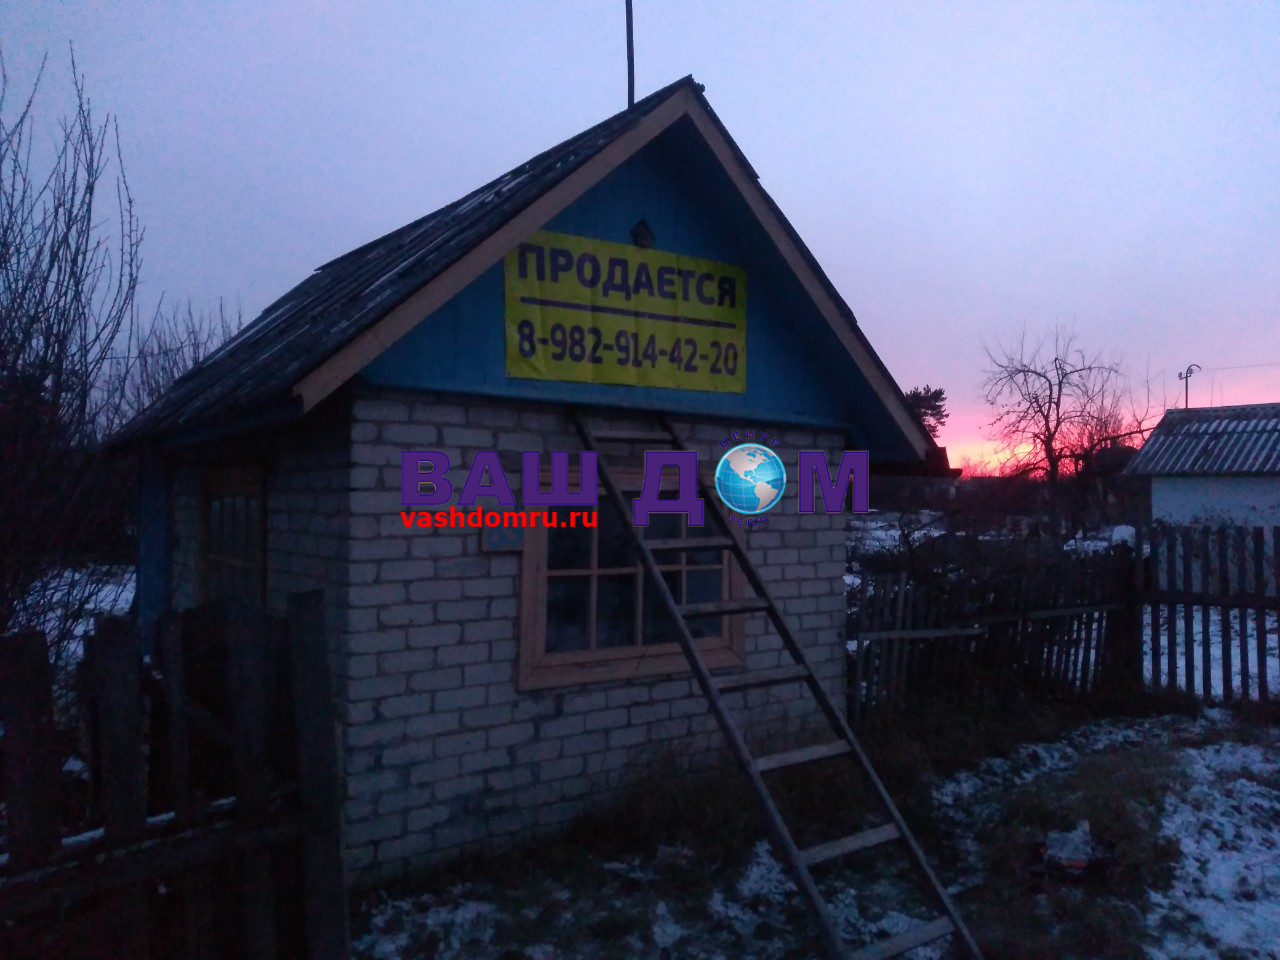 Дача на продажу по адресу Россия, Тюменская область, городской округ Ишим, Ишим